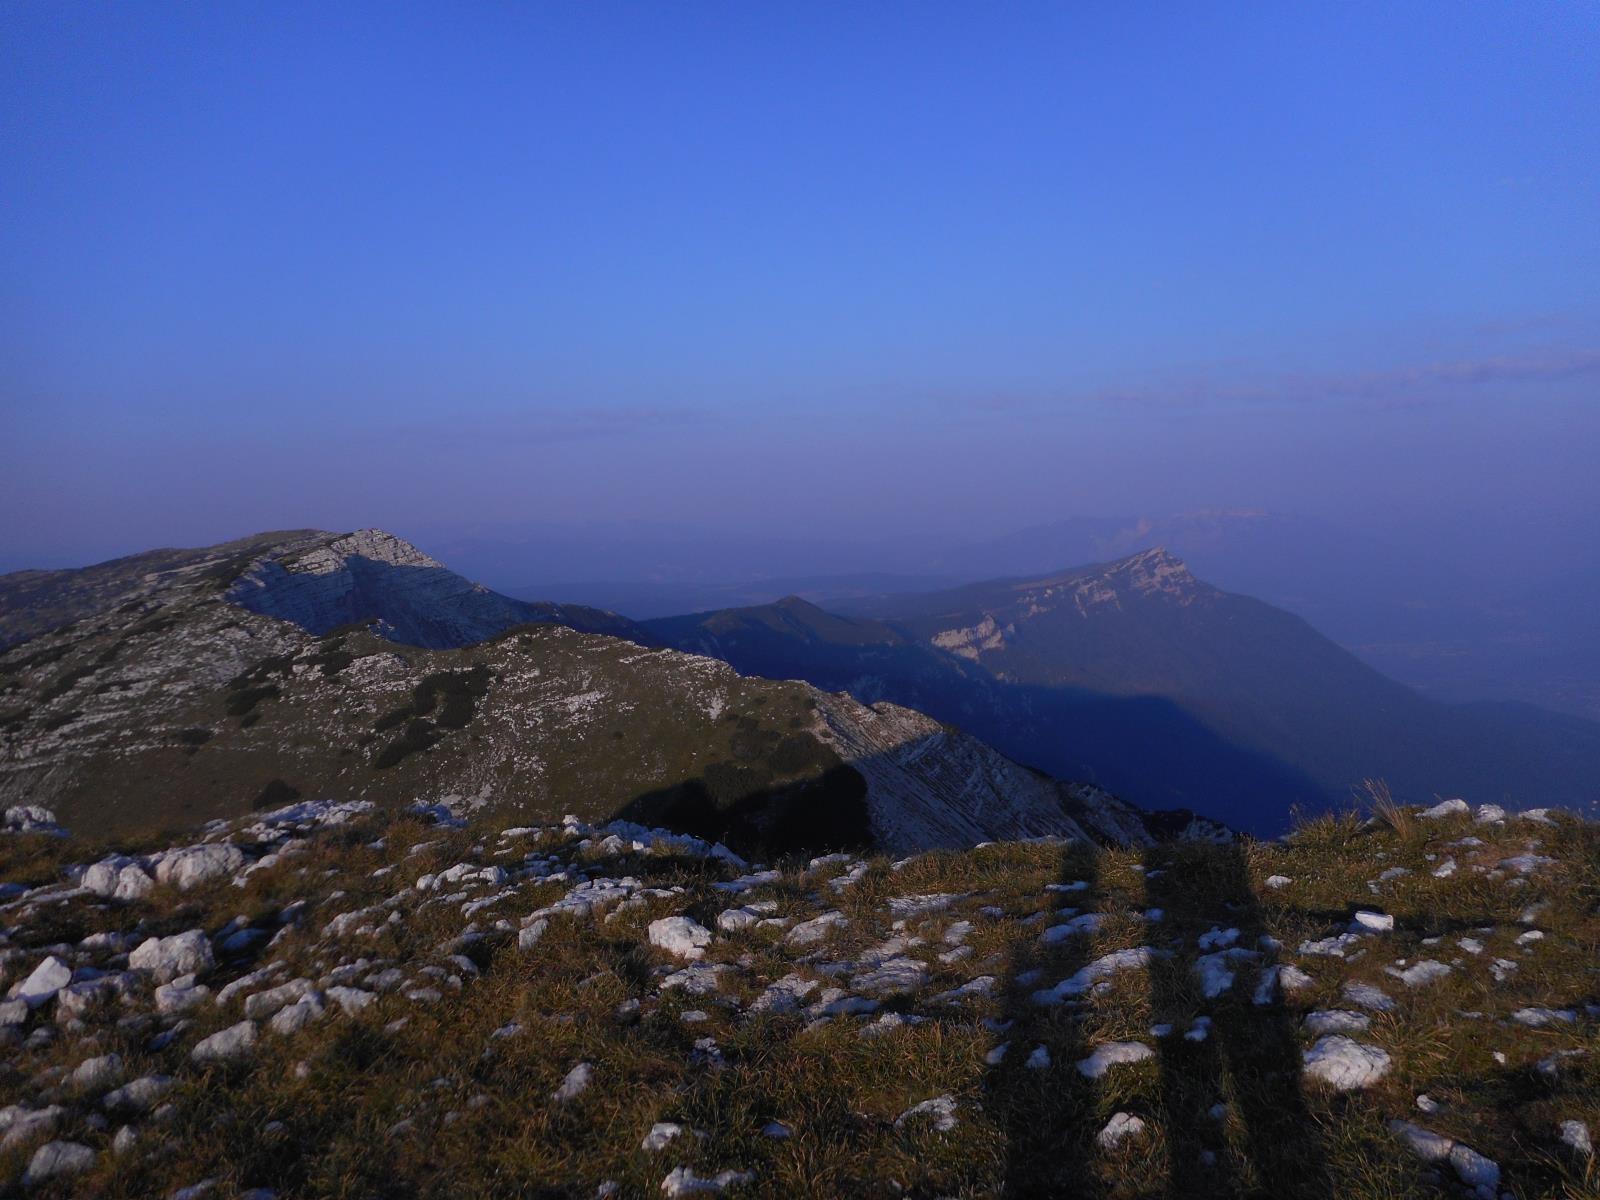 à 7h, sur le monte Dodici, vue sur l'enfilade de crêtes que l'on va suivre